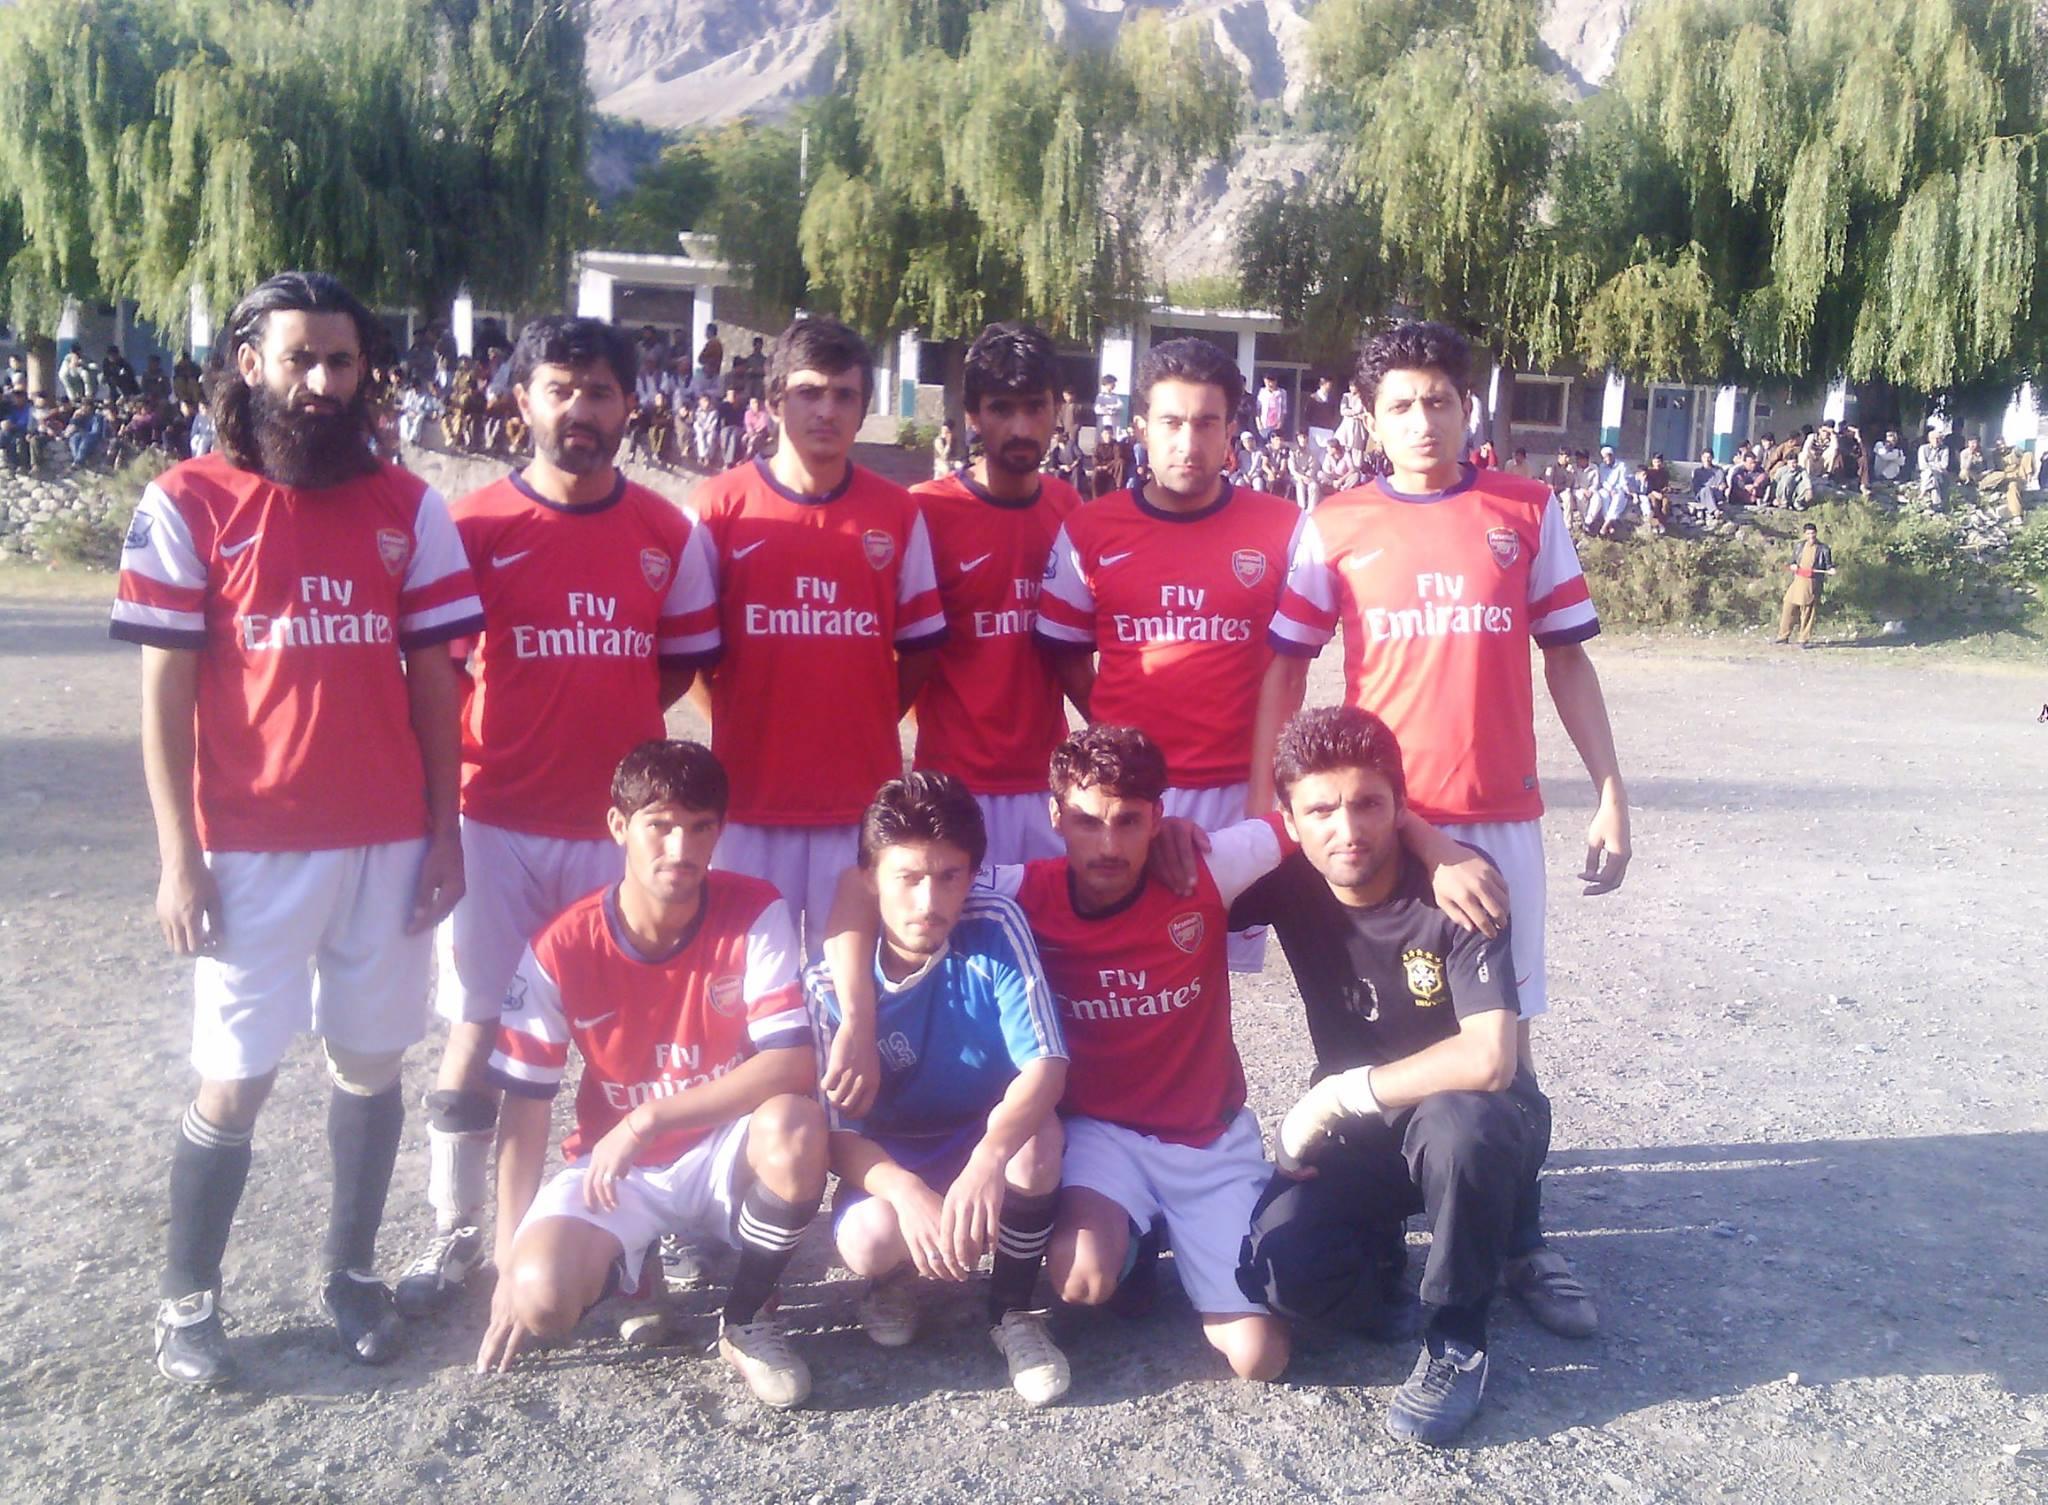 گاہکوچ میں آل غذر ڈپٹی کمشنر کپ فٹ بال کپ ٹورنامنٹ کا آغاز